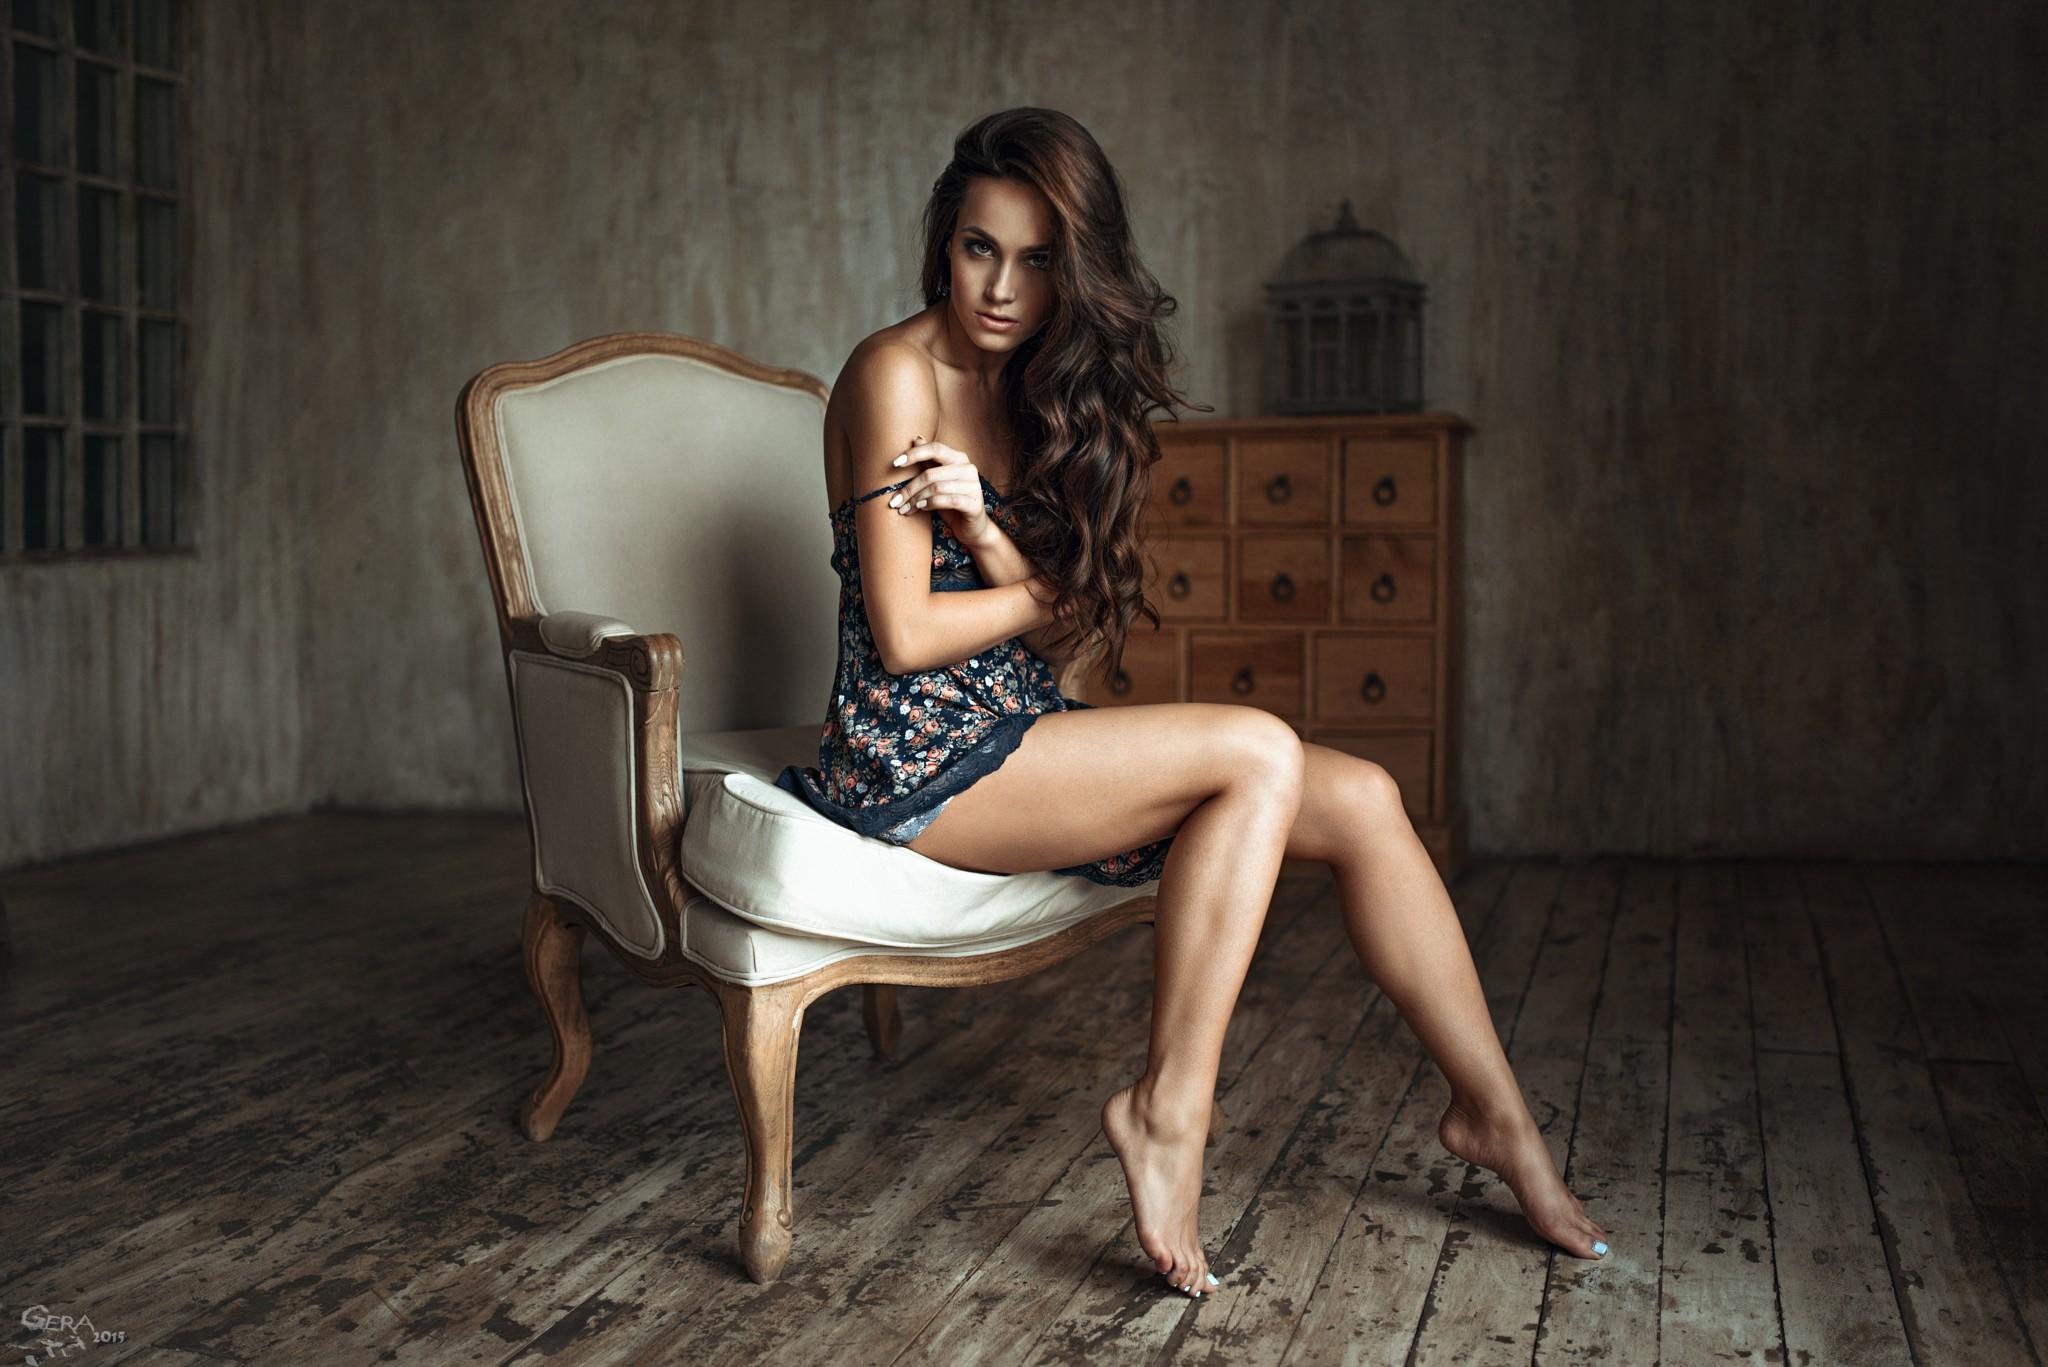 best chairs for sex ergonomic stool ikea kseniya klimenko model hd girls 4k wallpapers images